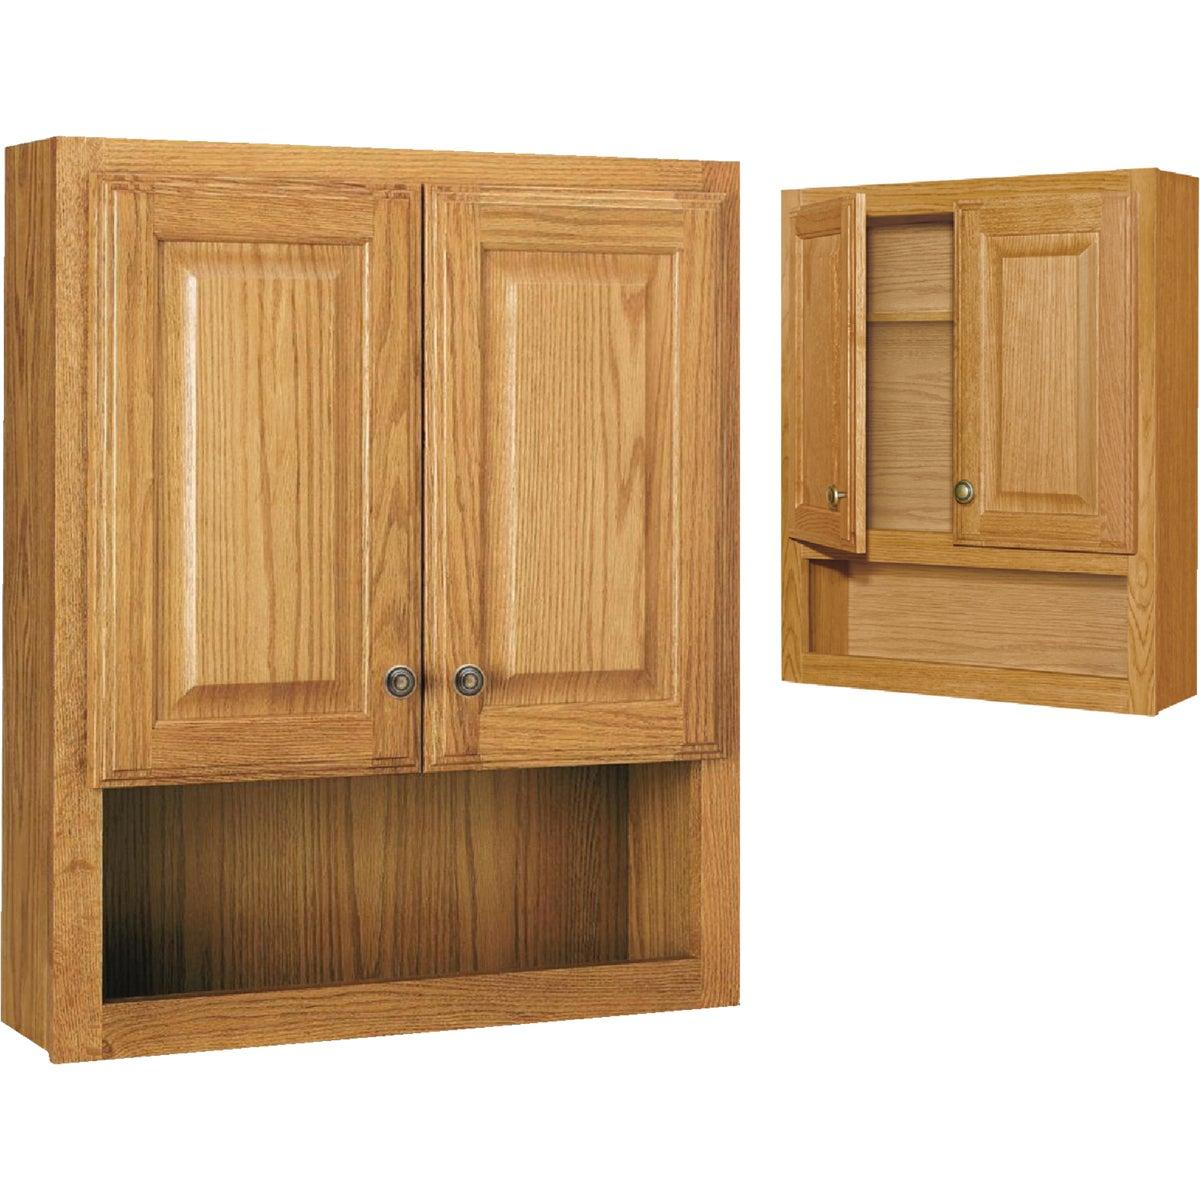 Wall Bath Cabinet